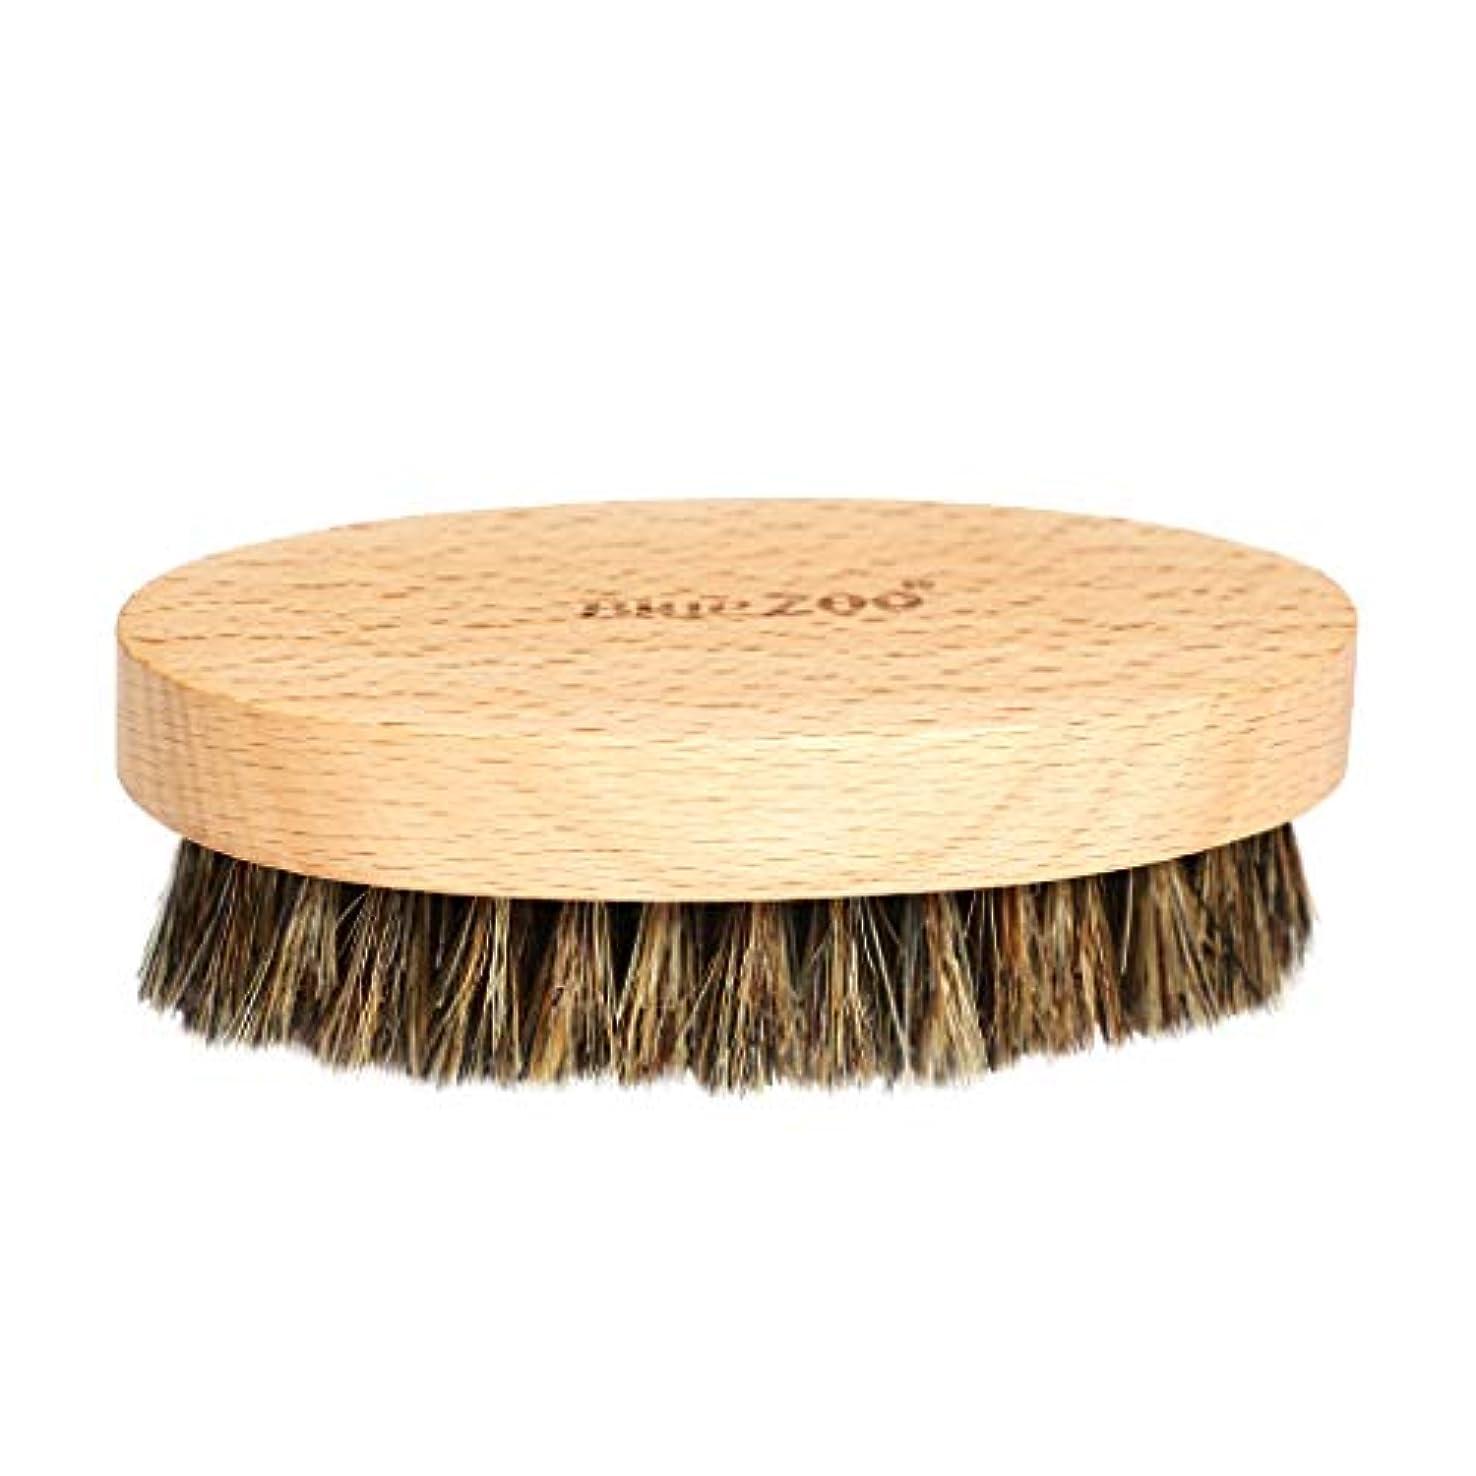 支払いつぼみ届けるPerfeclan シェービングブラシ 硬い毛 ひげブラシ 男性 髭剃り 清潔用